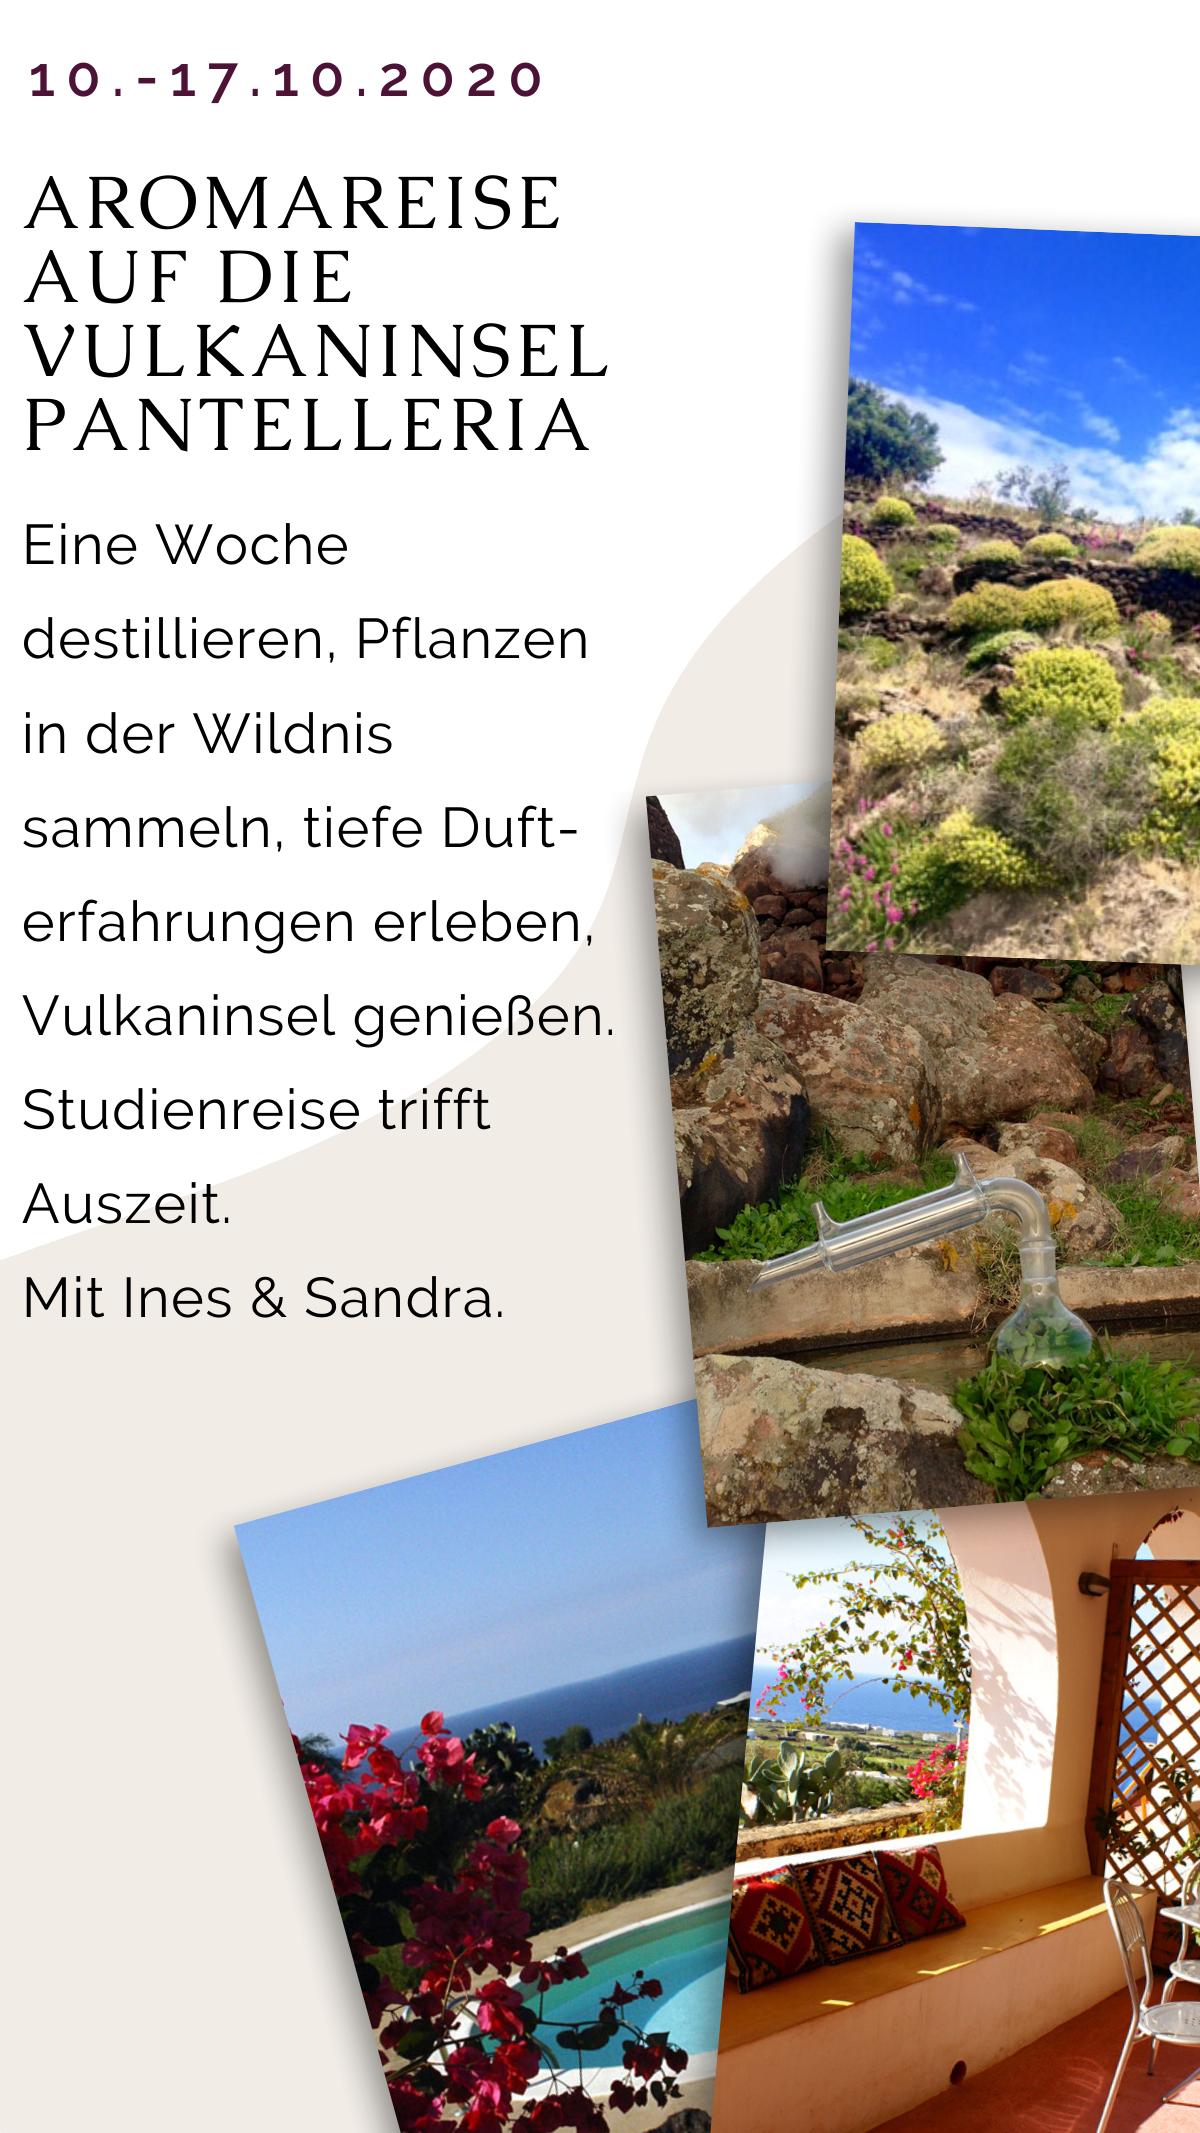 Aromareise auf die Vulkaninsel Pantelleria vom 10. bis 17. Oktober 2020